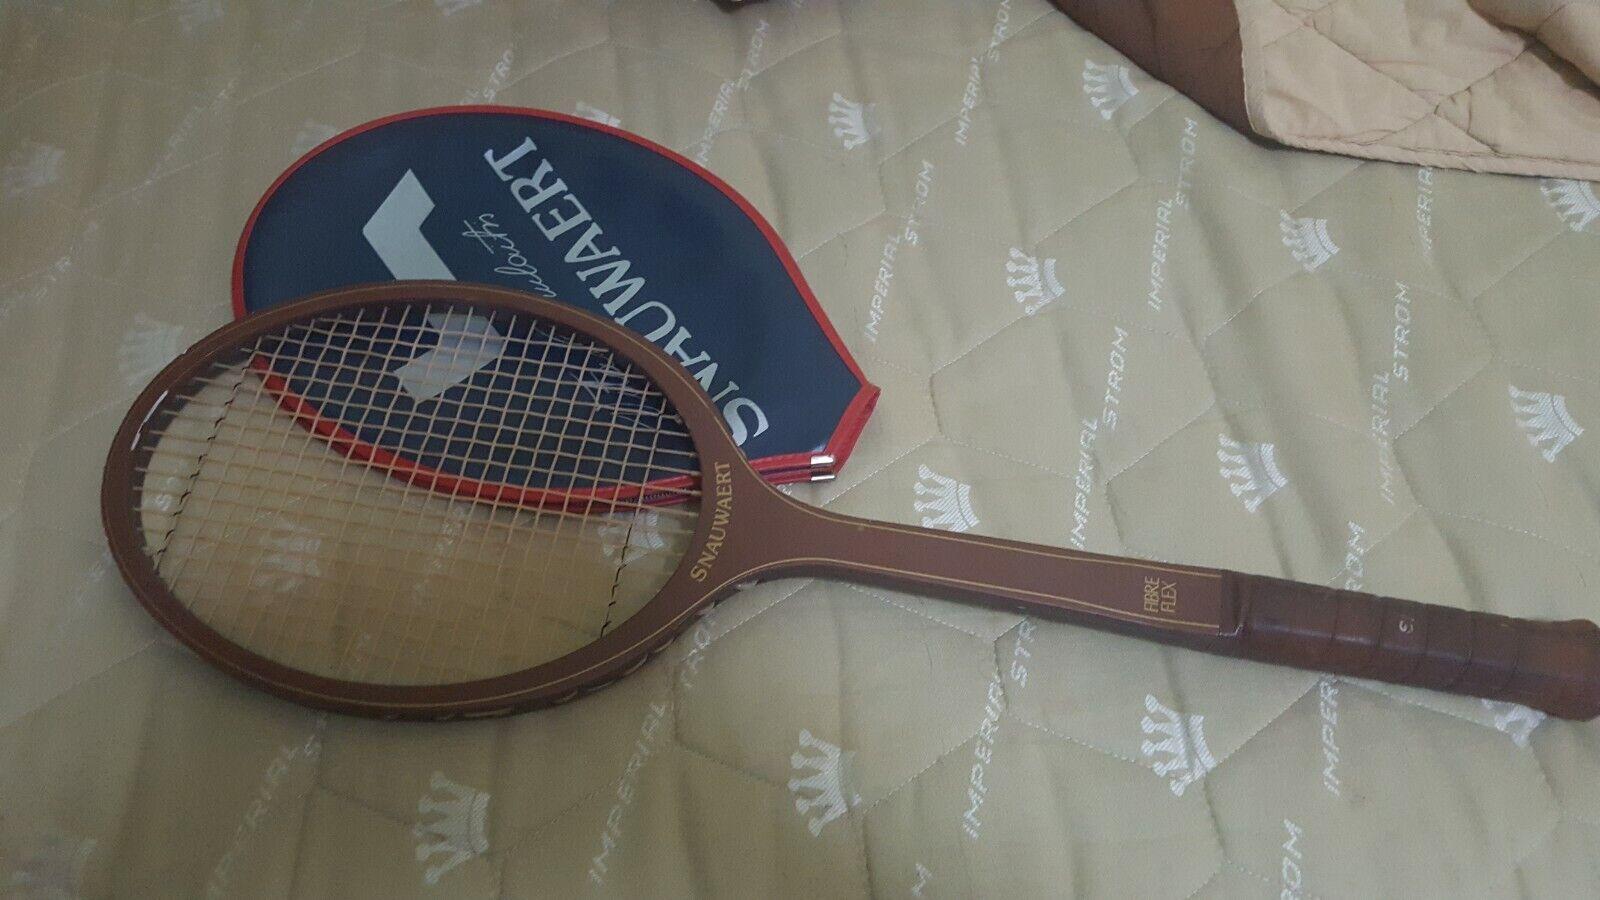 Vintage 1970's   80's Snauwaert John nouveaucombe Fibre bois Flex Tennis Racquet